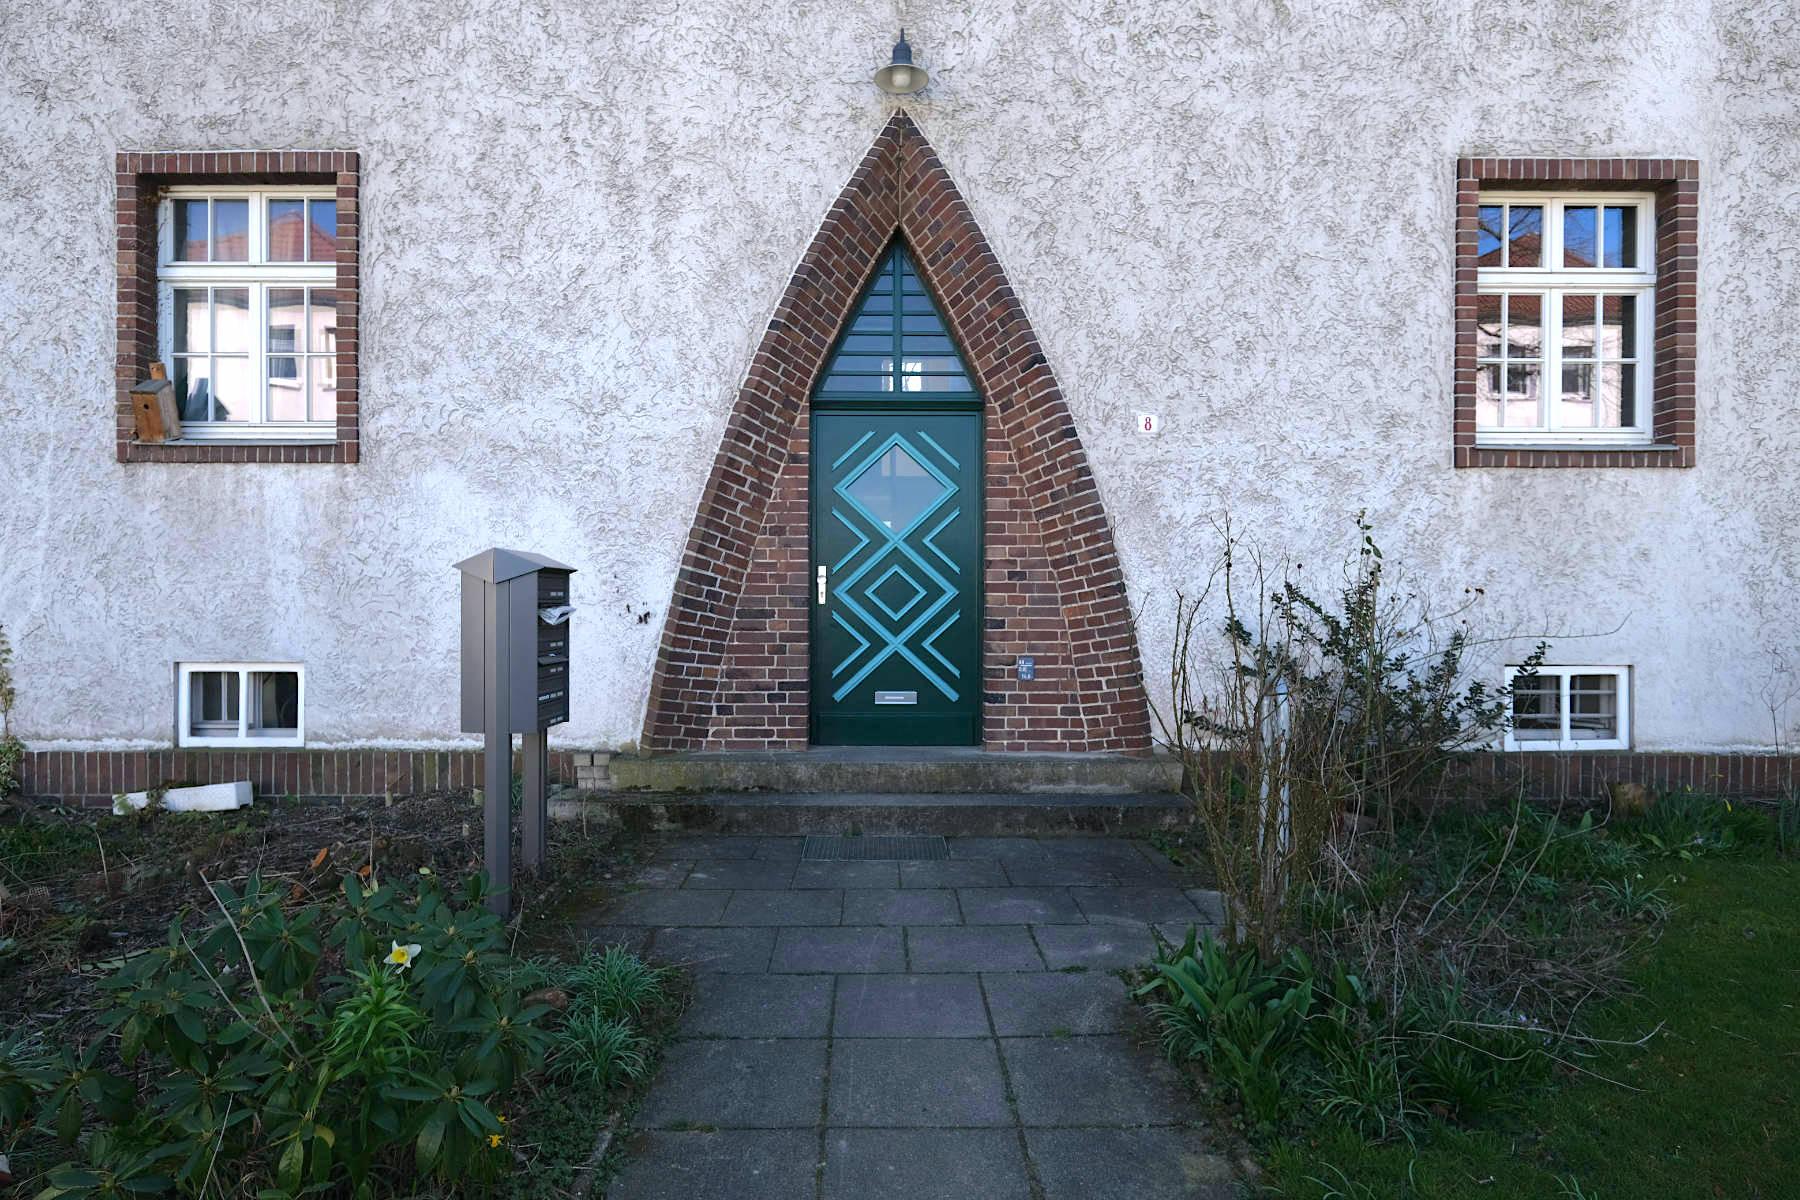 Siedlung Im Siekerfelde. ... Spitzbögen und markant eingefasste Fenster.